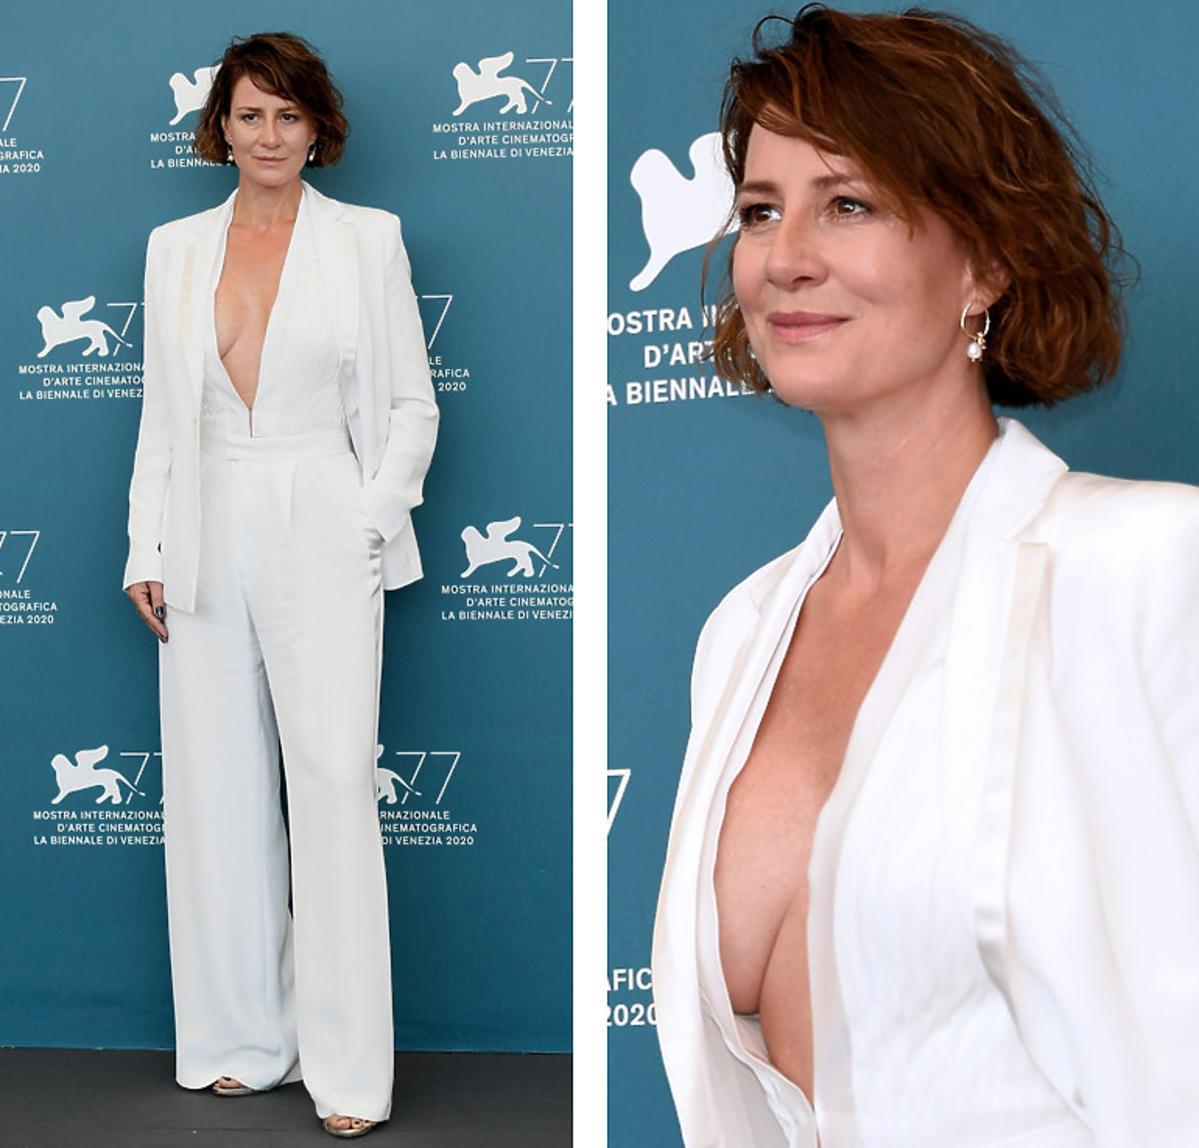 Maja Ostaszewska na Festiwalu Filmowym Wenecji odsłoniła dużo ciała w białym garniturze